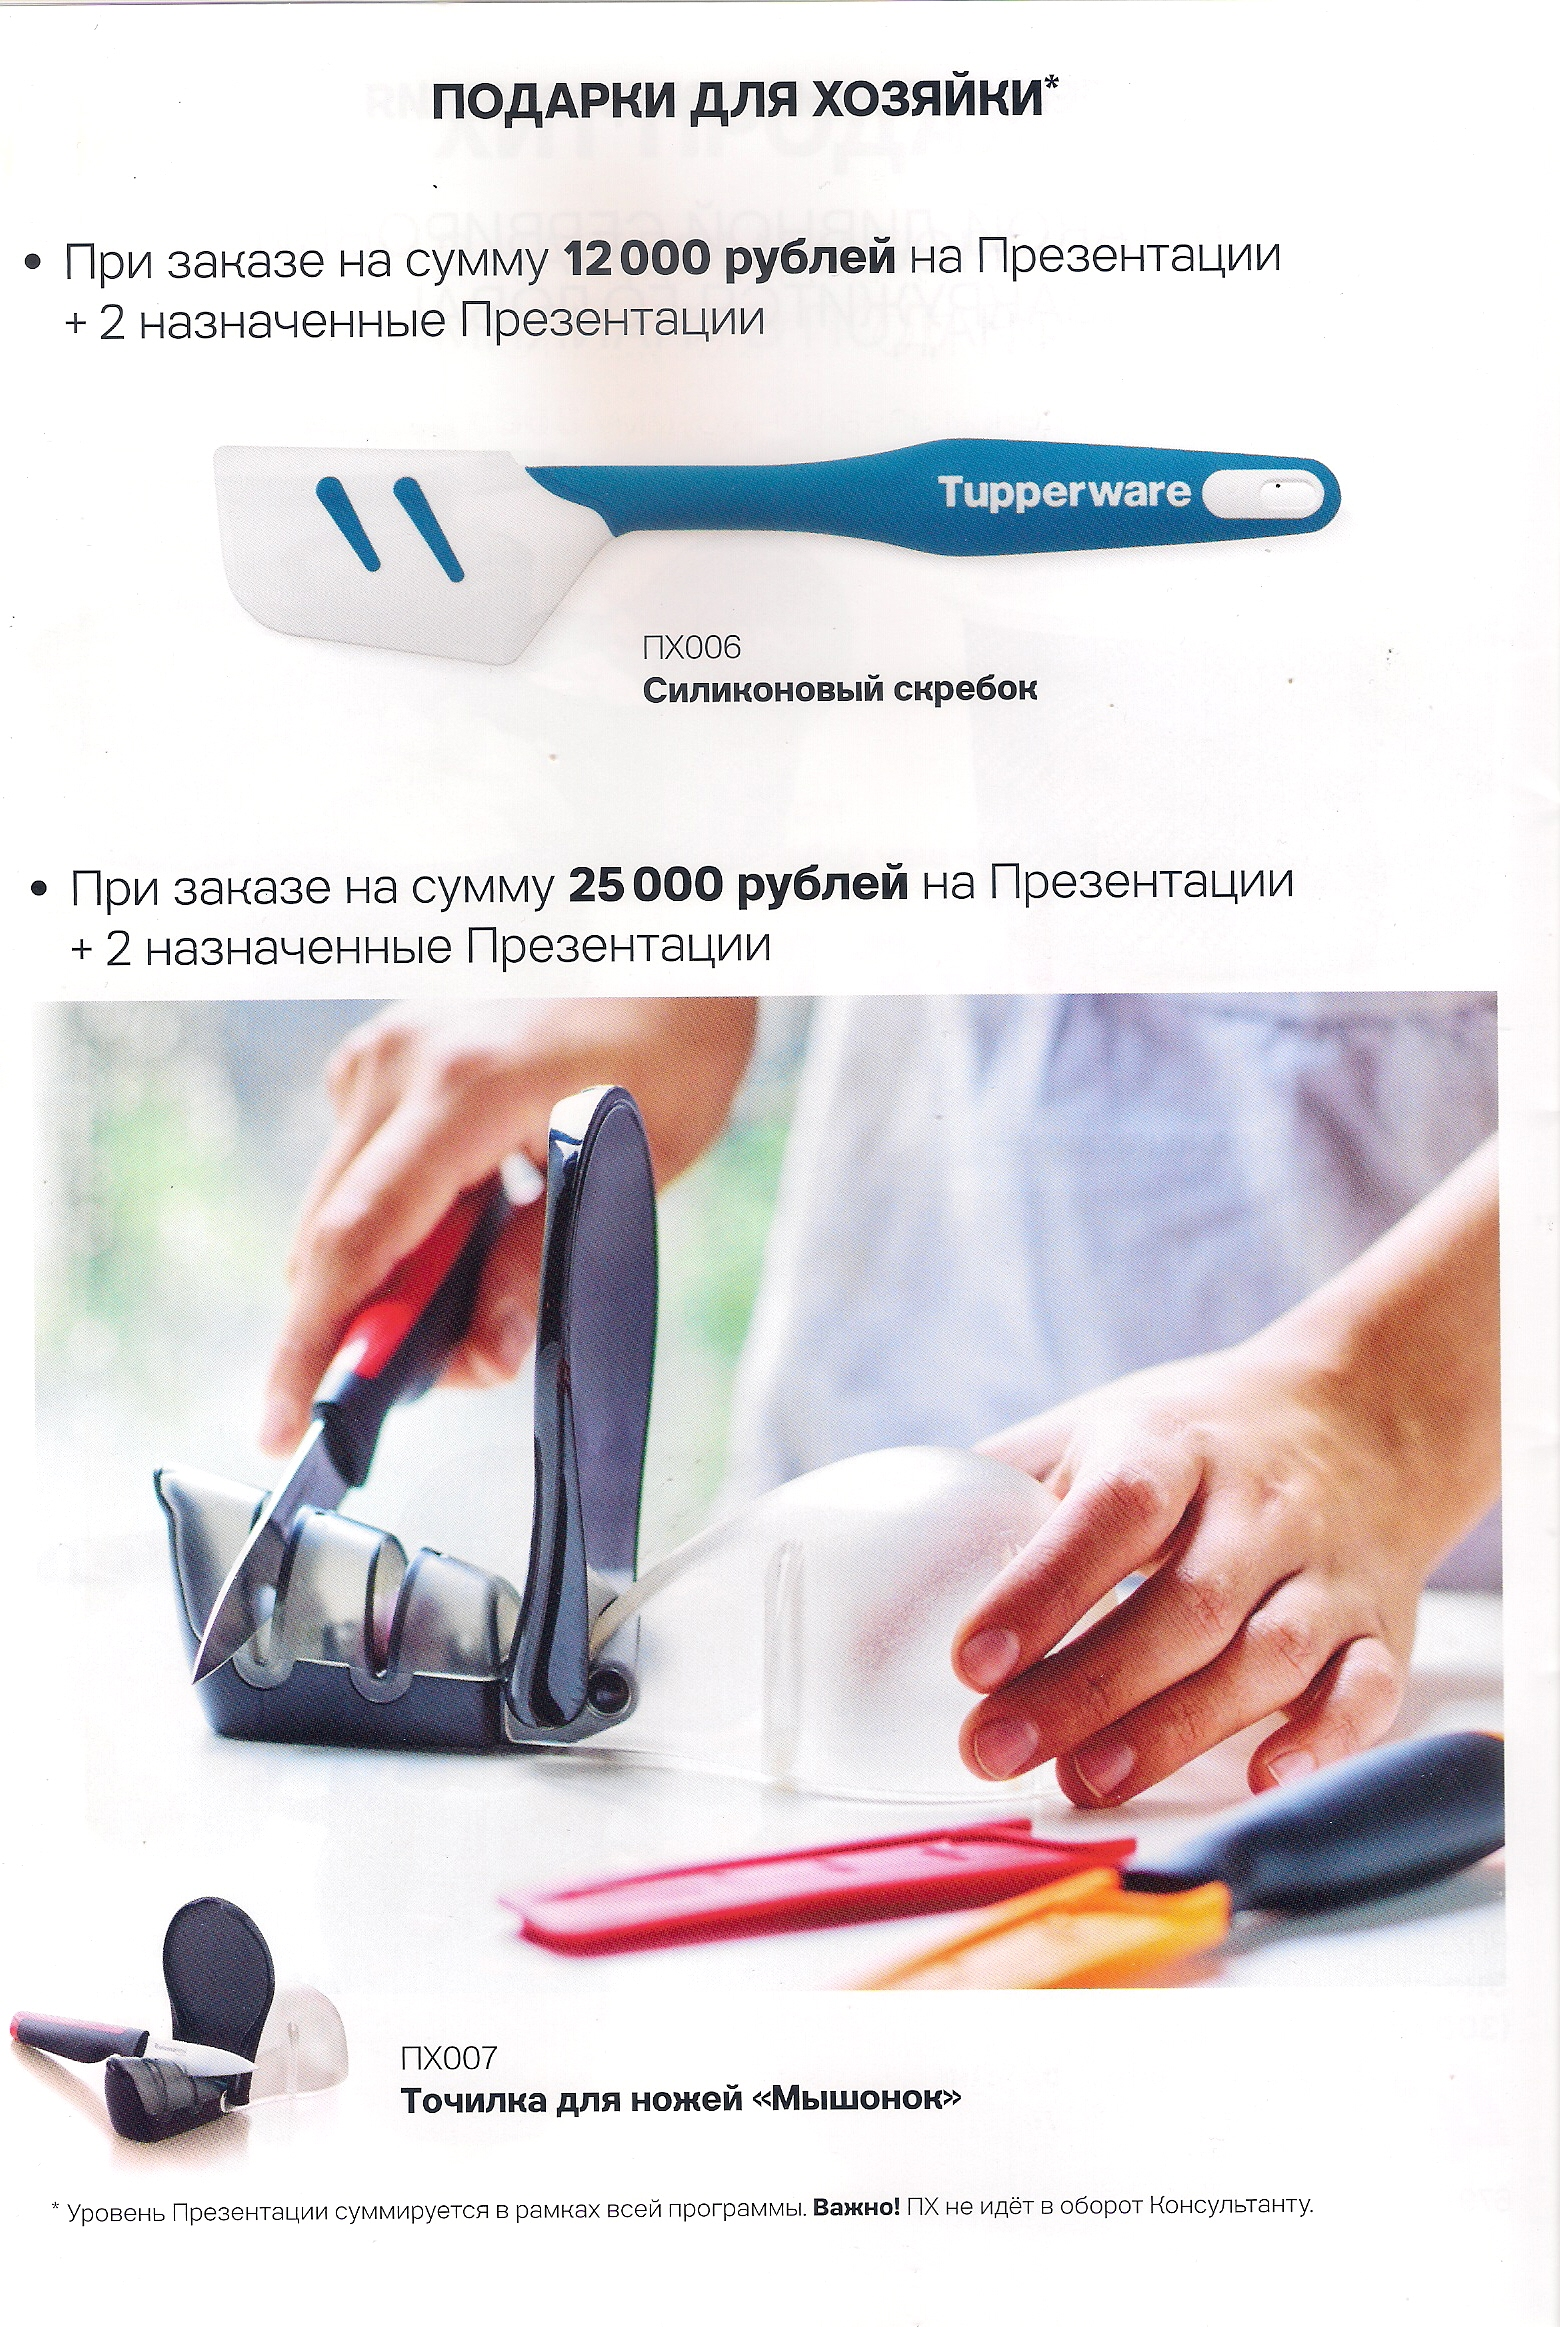 http://tupperware-online.ru/images/upload/22n.jpg